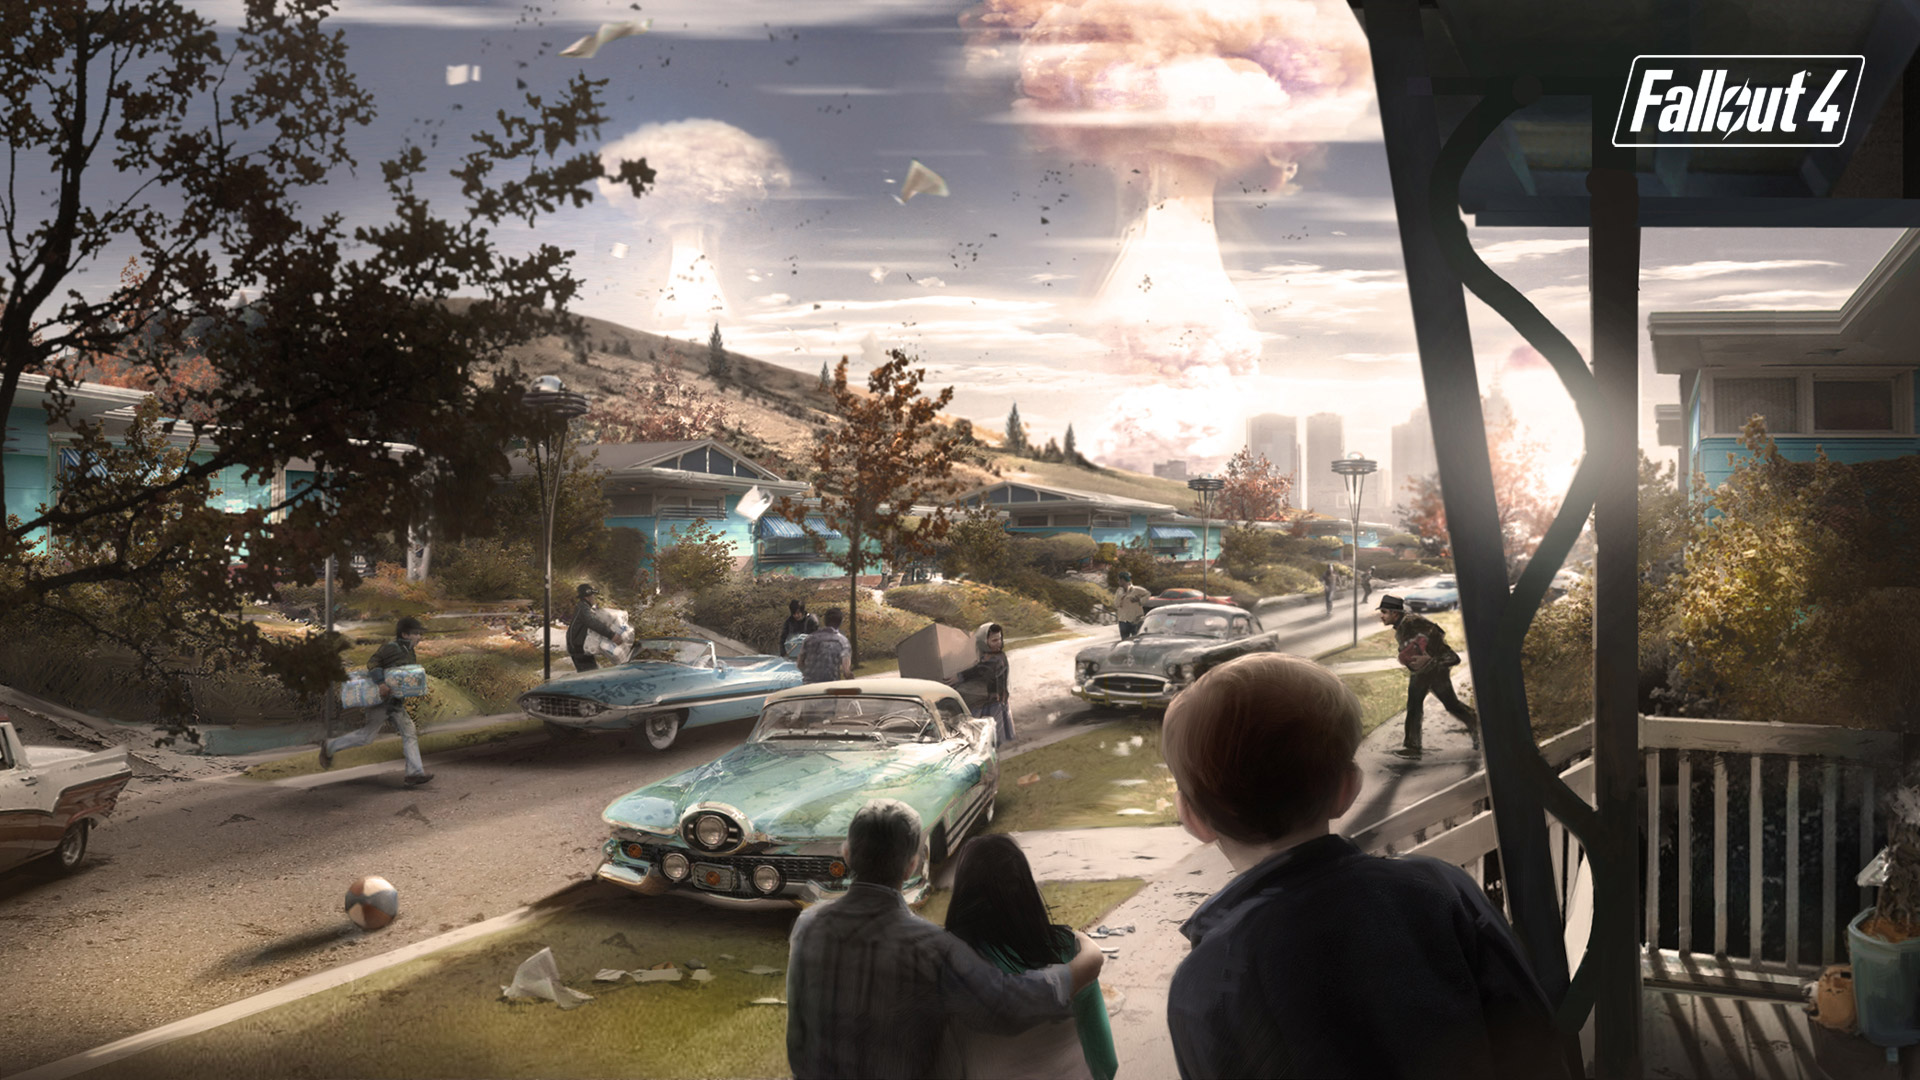 Fallout 4 wallpaper 5